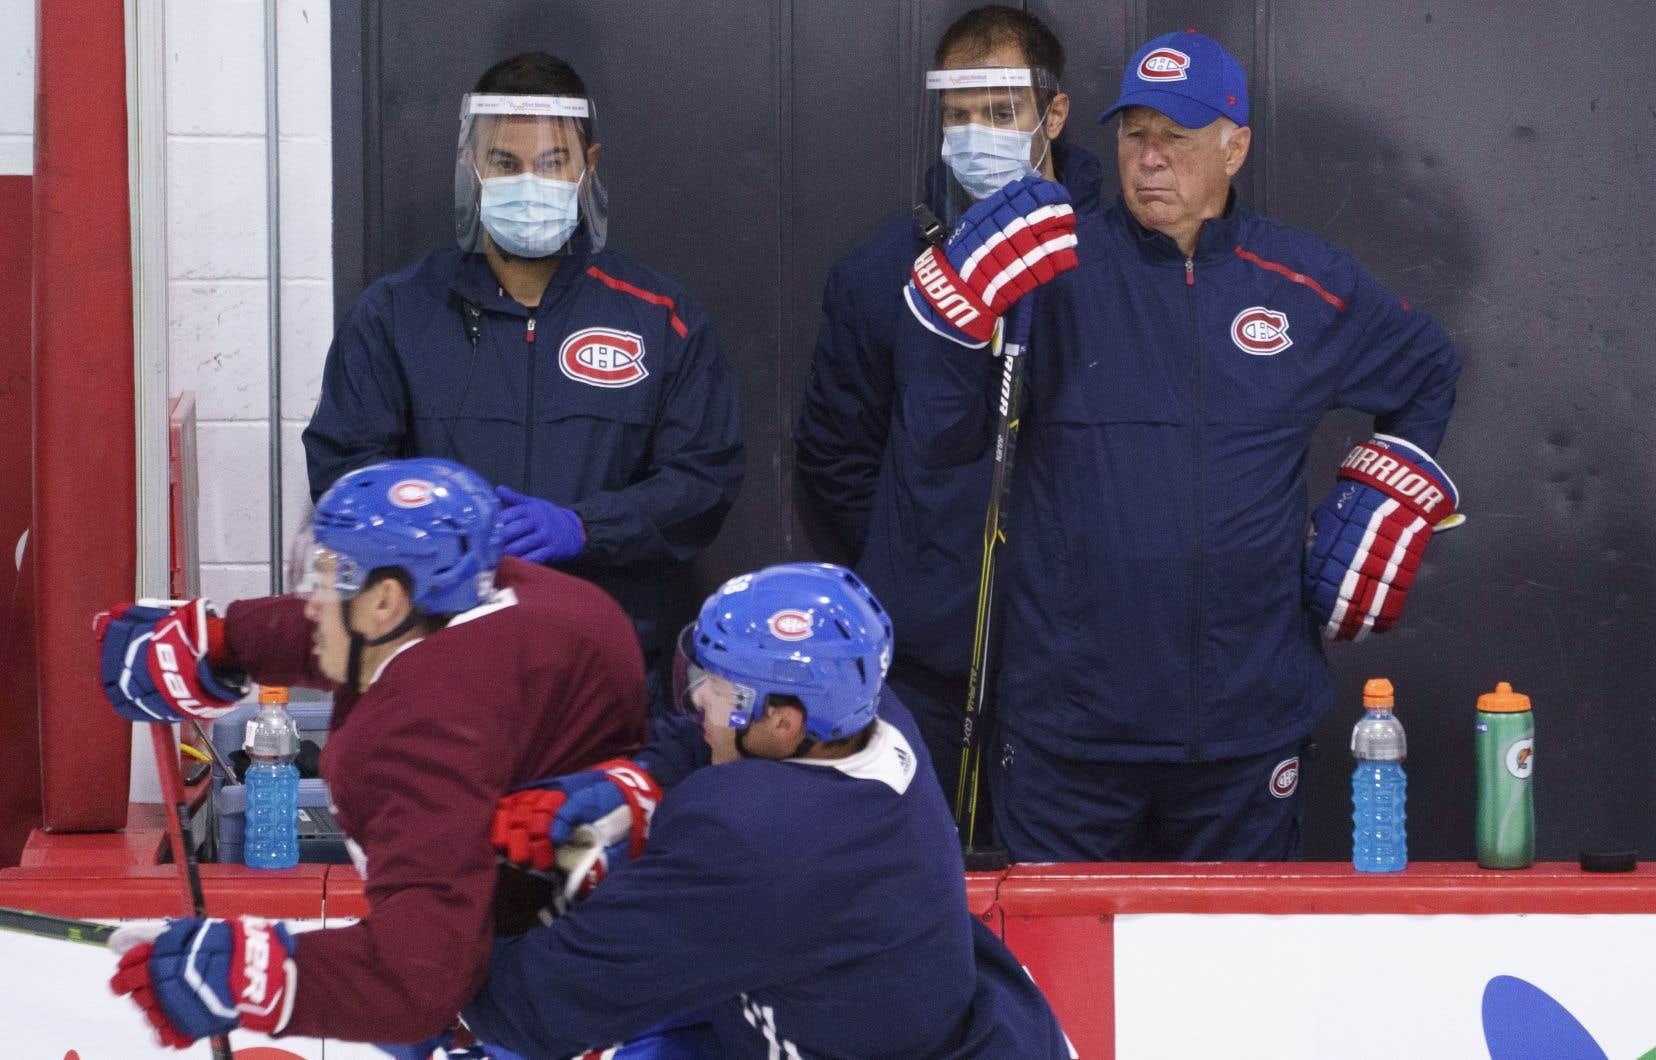 Même si Claude Julien a insisté pour dire qu'il était trop tôt pour prendre des décisions sur l'alignement défensif du Canadien à prévoir contre les Penguins, il a admis avoir l'œil ouvert à l'entraînement.